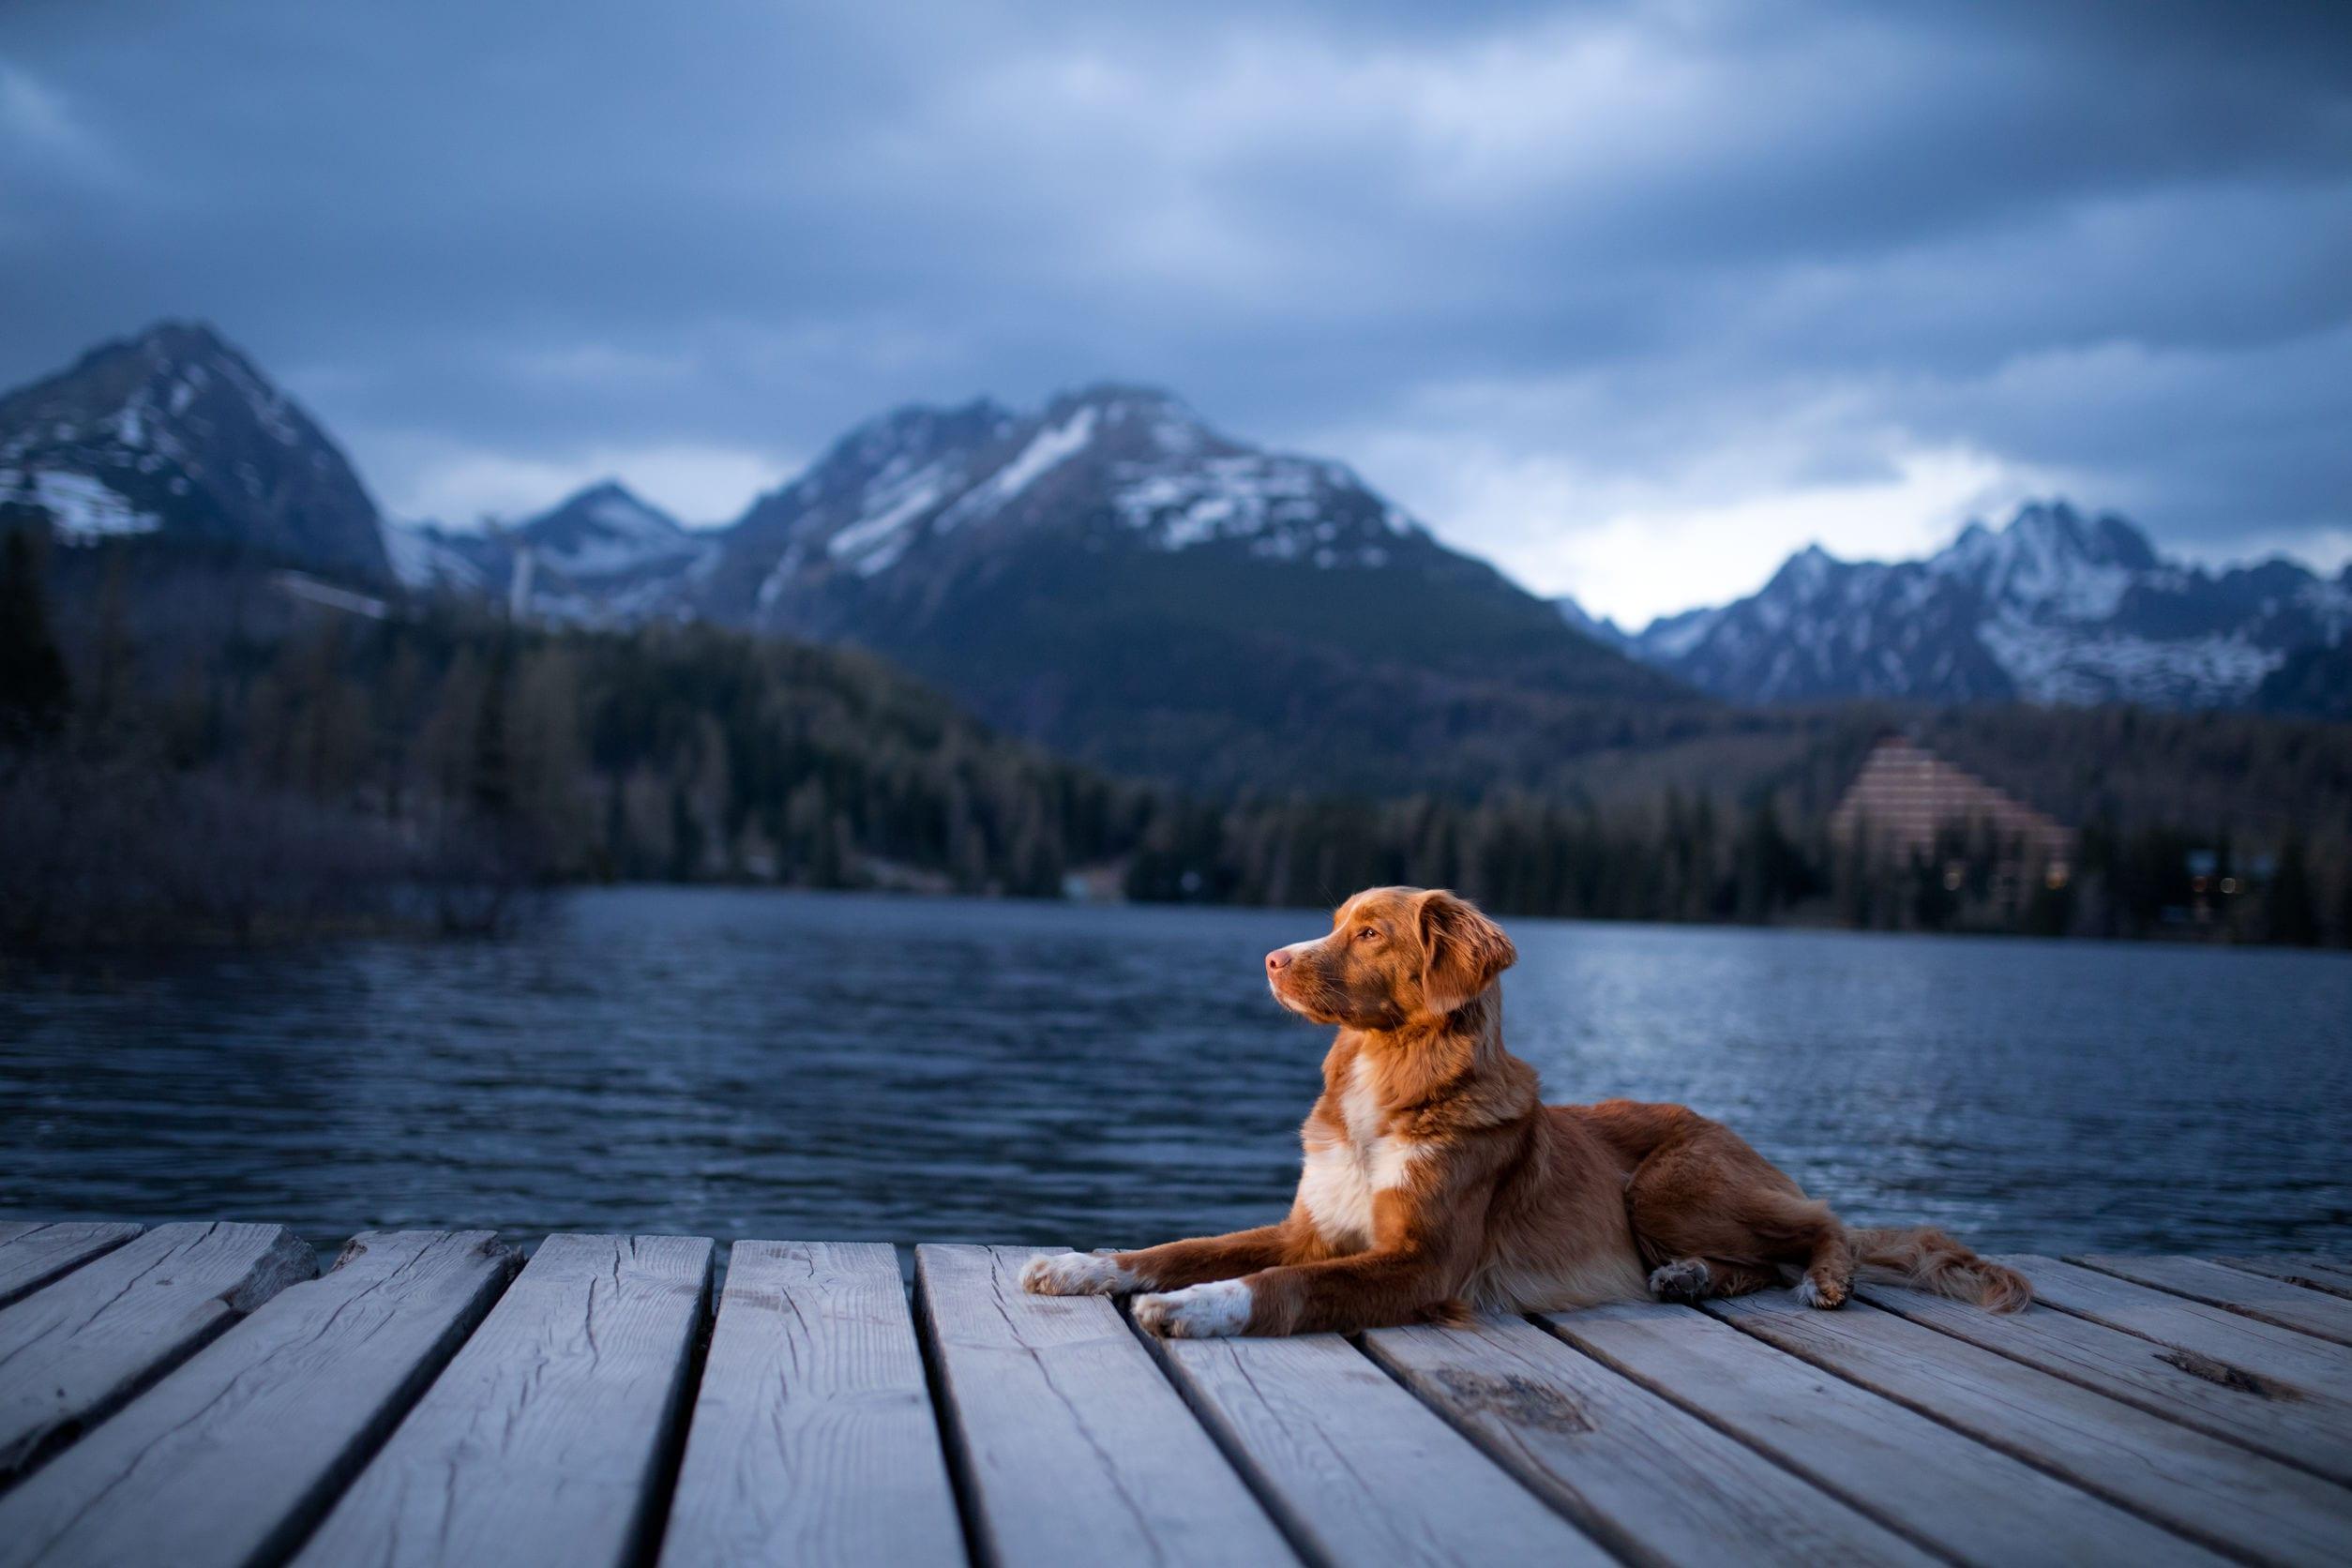 Dog at the lake